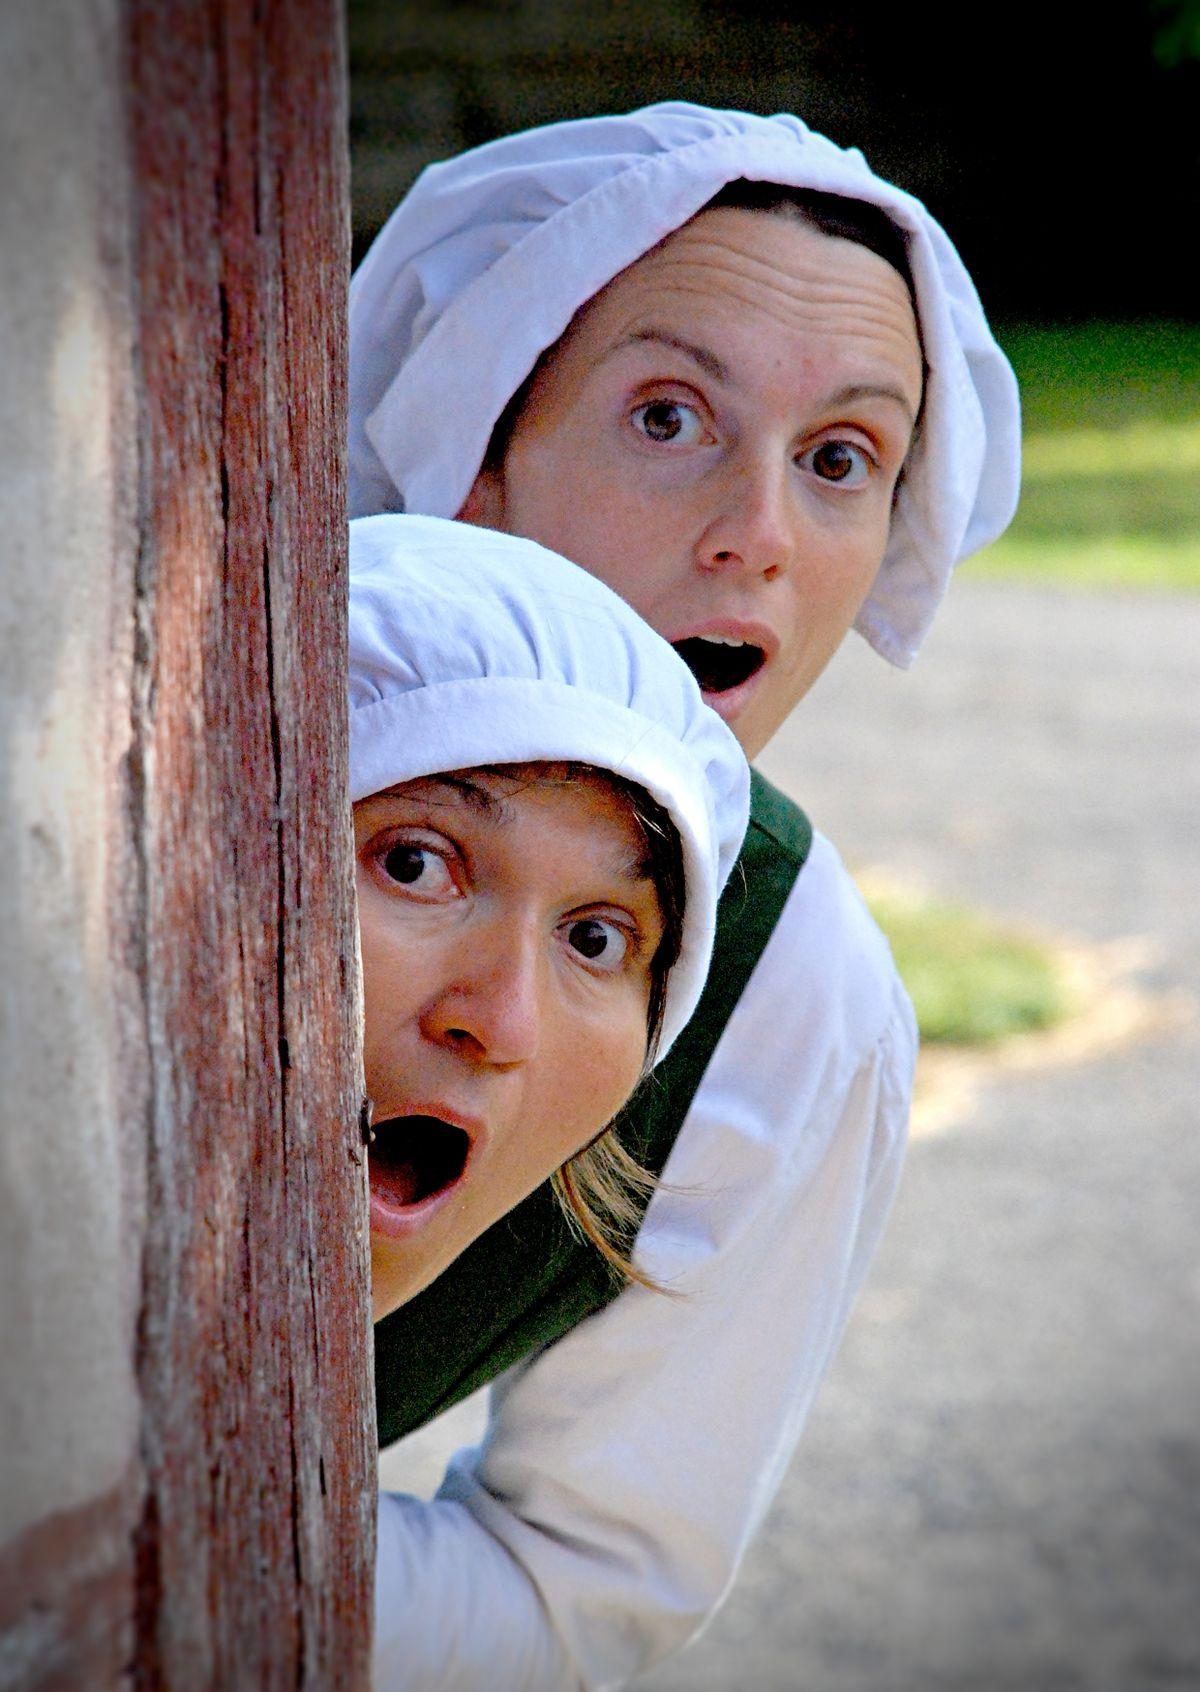 La sorprendi en un probador de ropa en liguerpol - 2 part 7